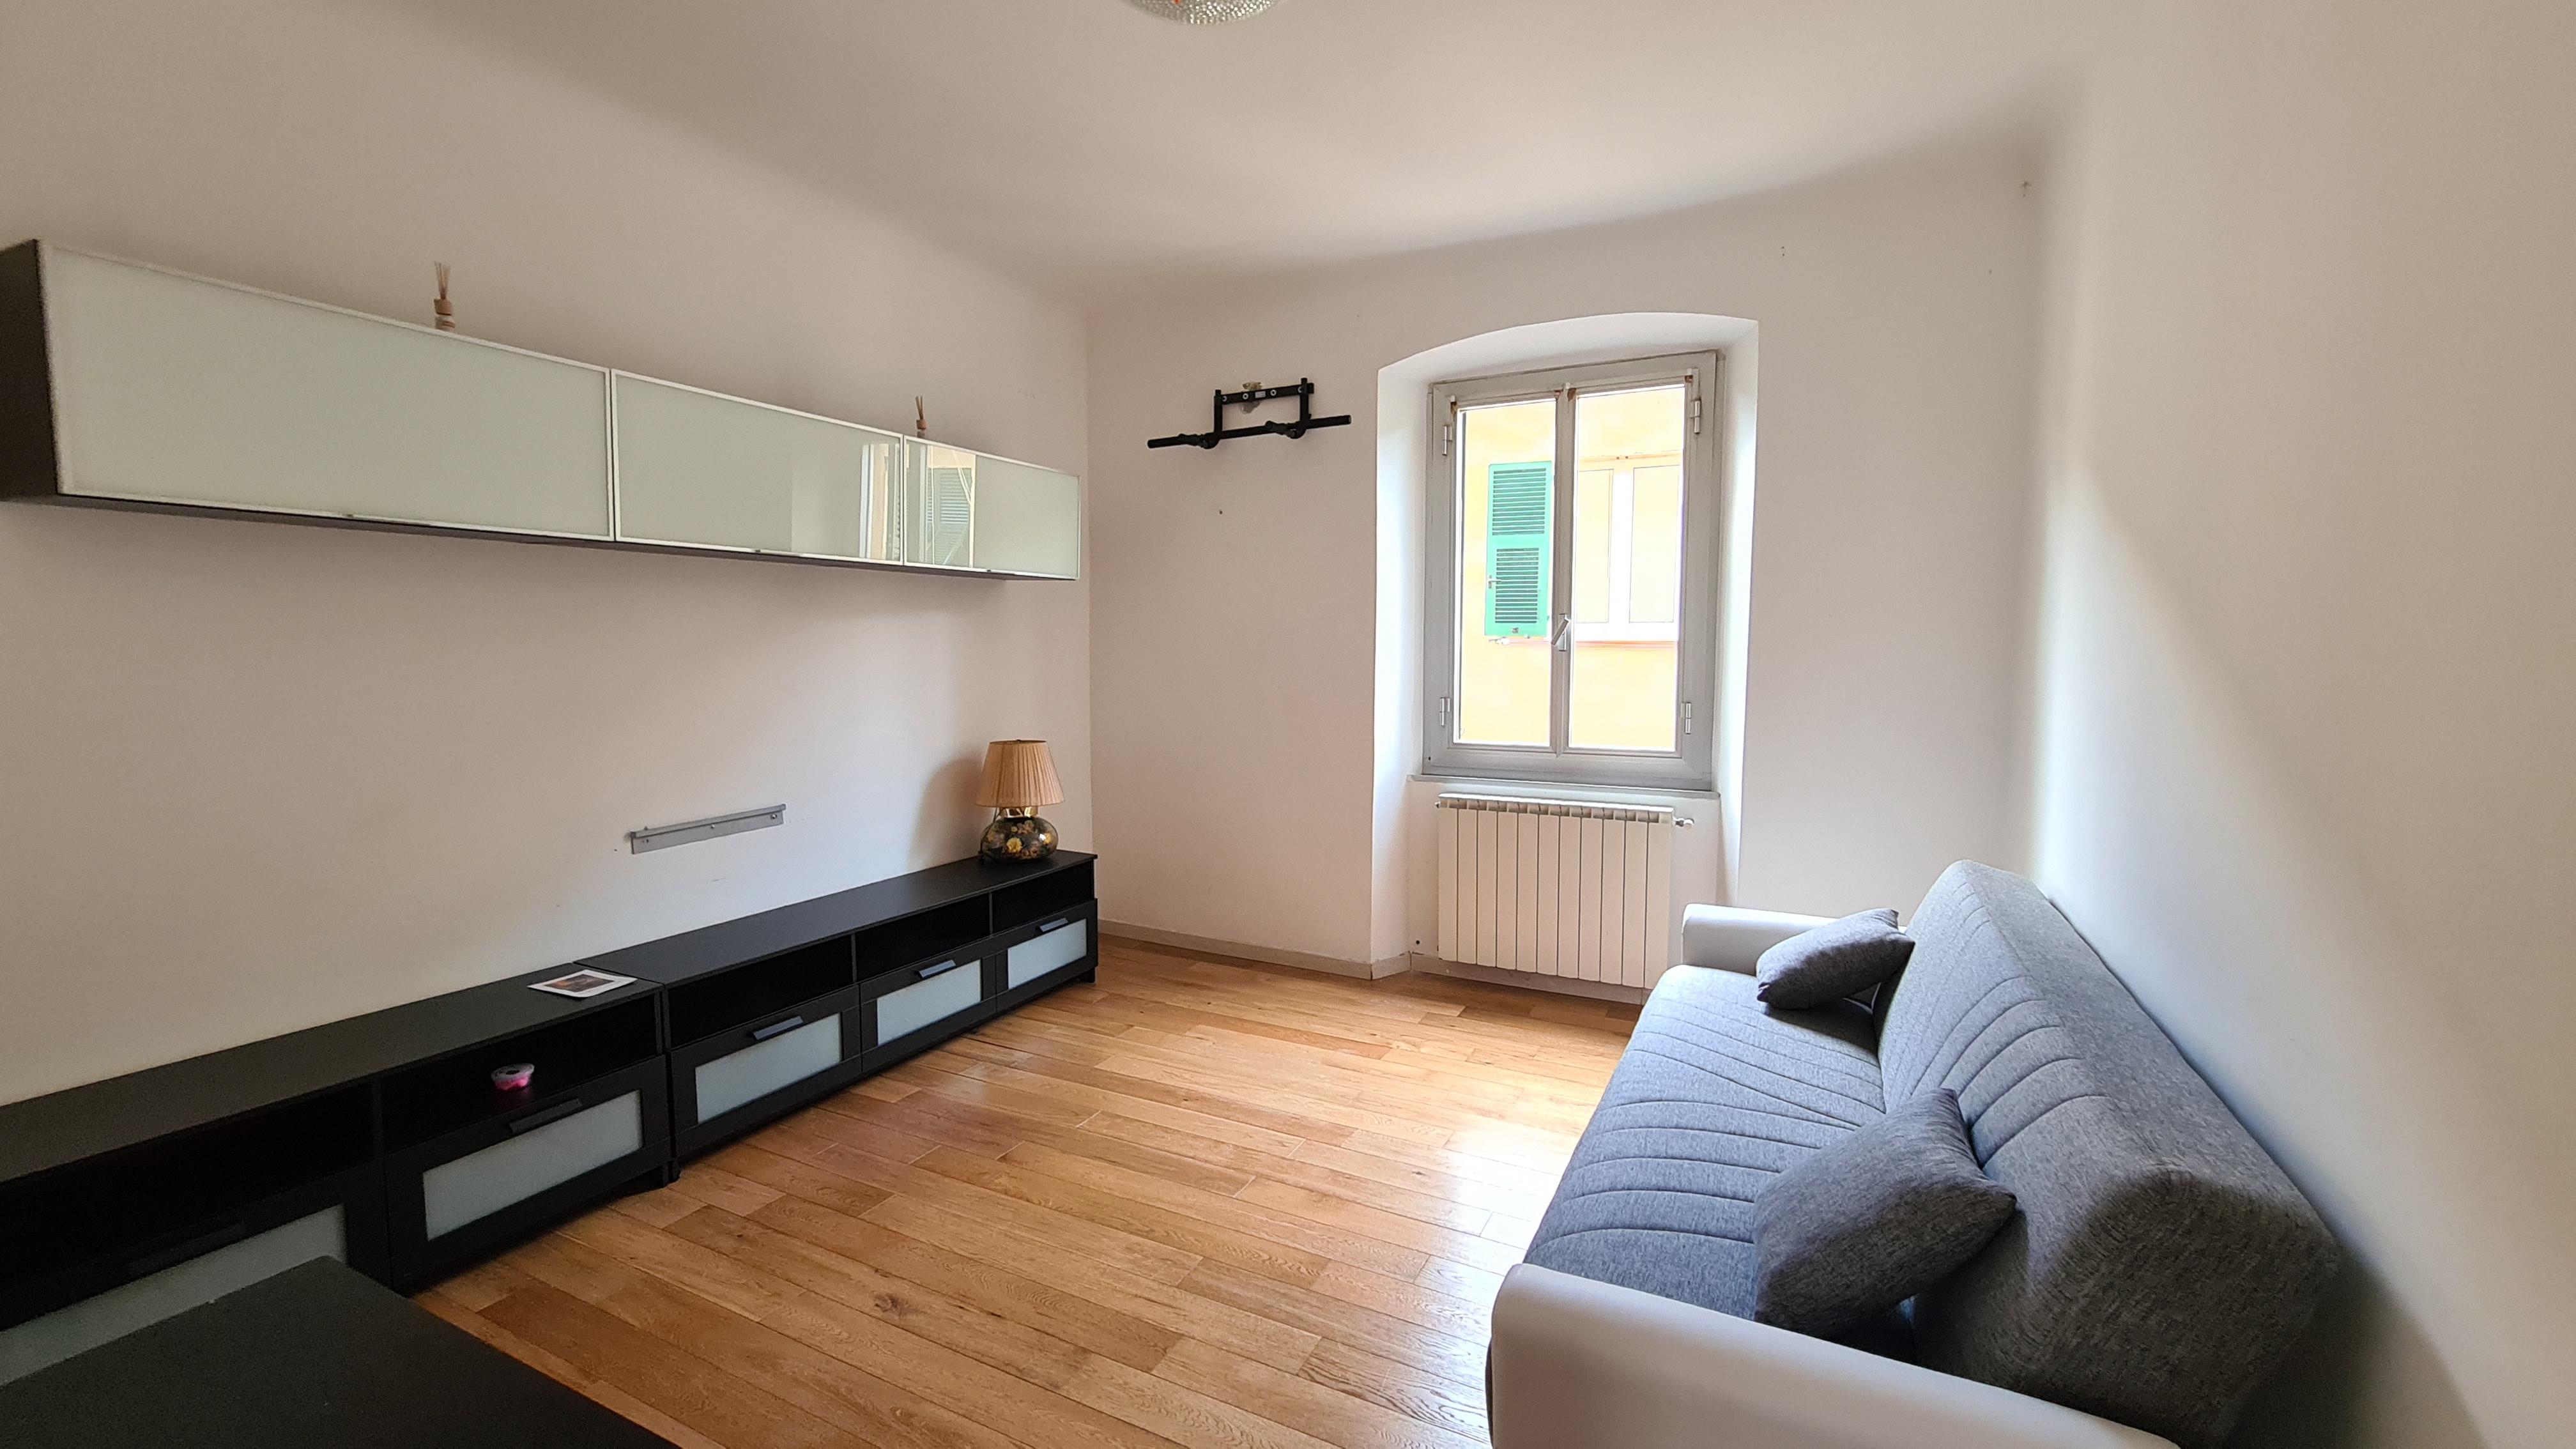 vendita appartamento bolzaneto via stuparich